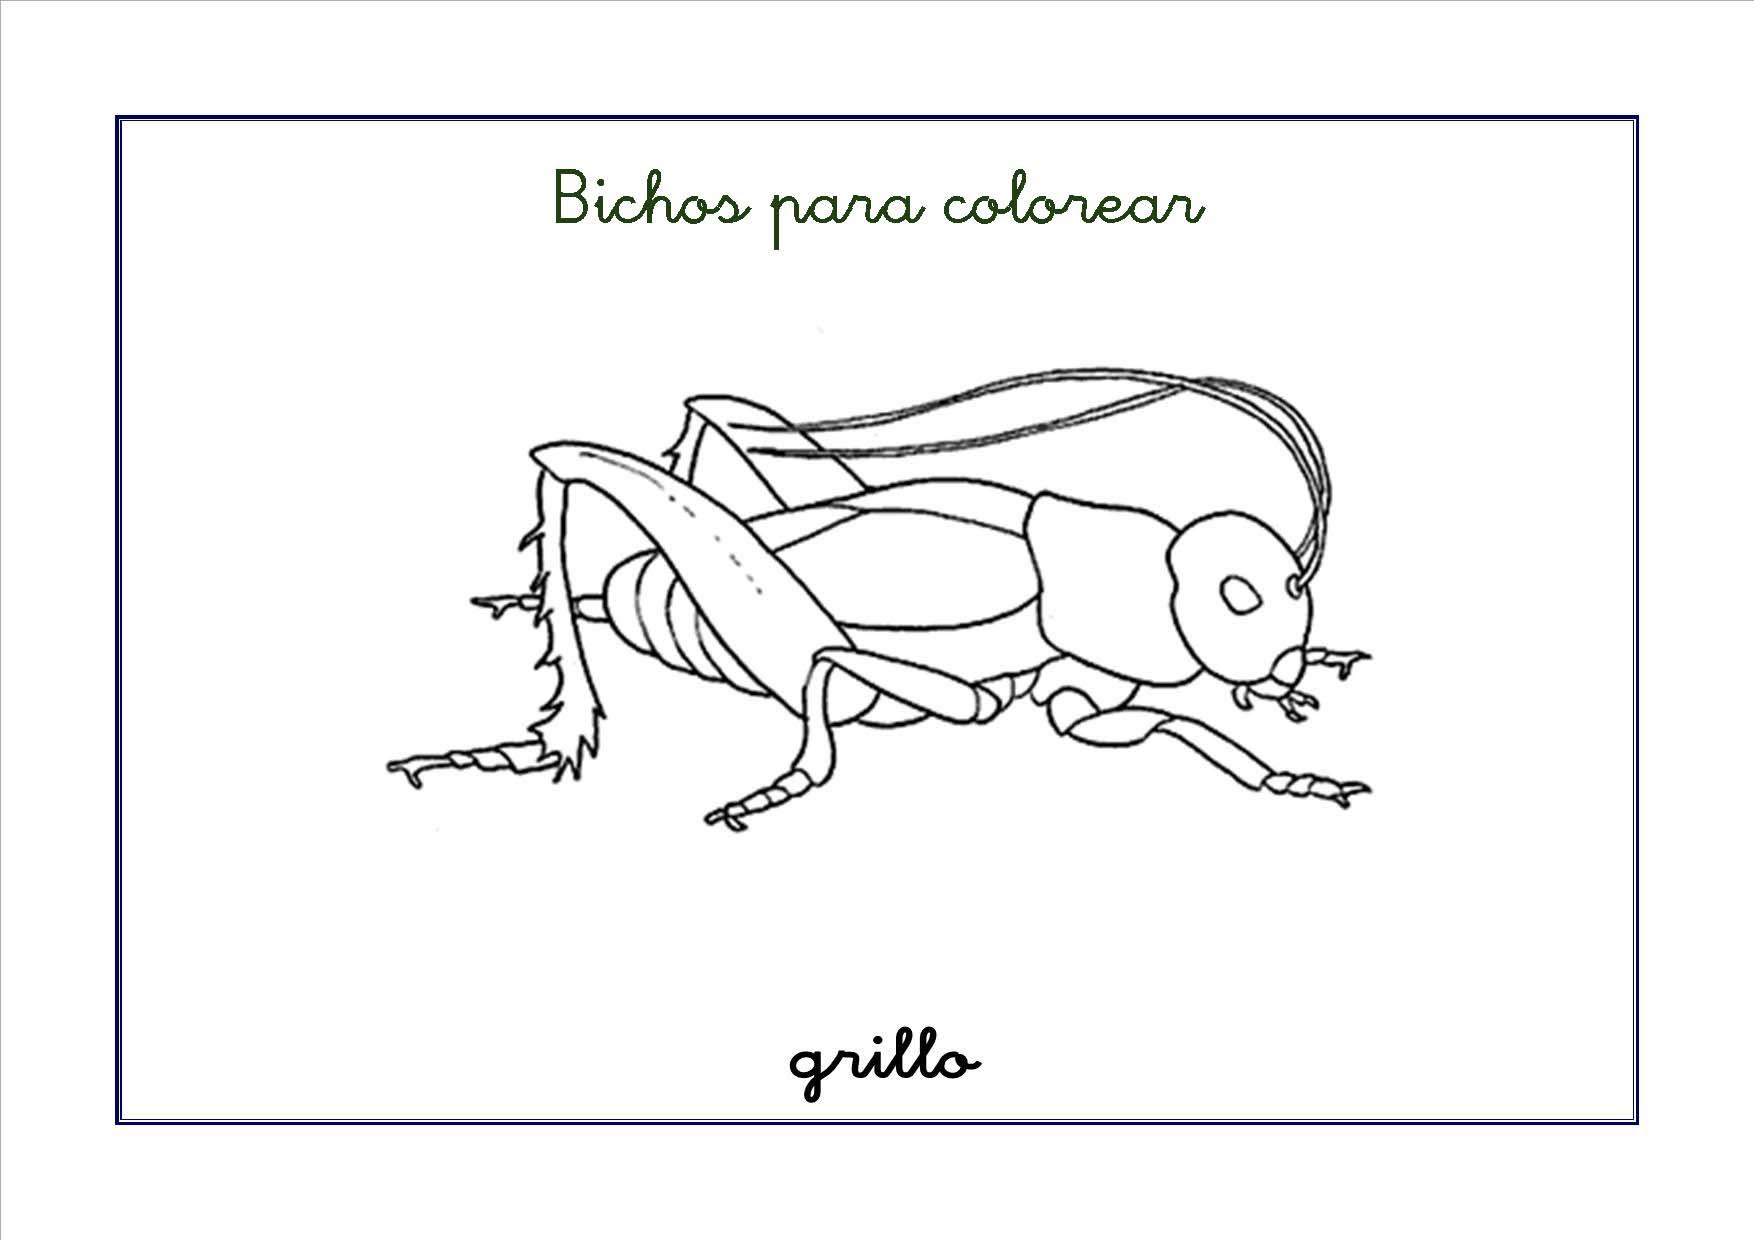 Dibujos De Insectos Para Colorear: .: Recursos Para El Aula: Fichas De Bichos Para Colorear